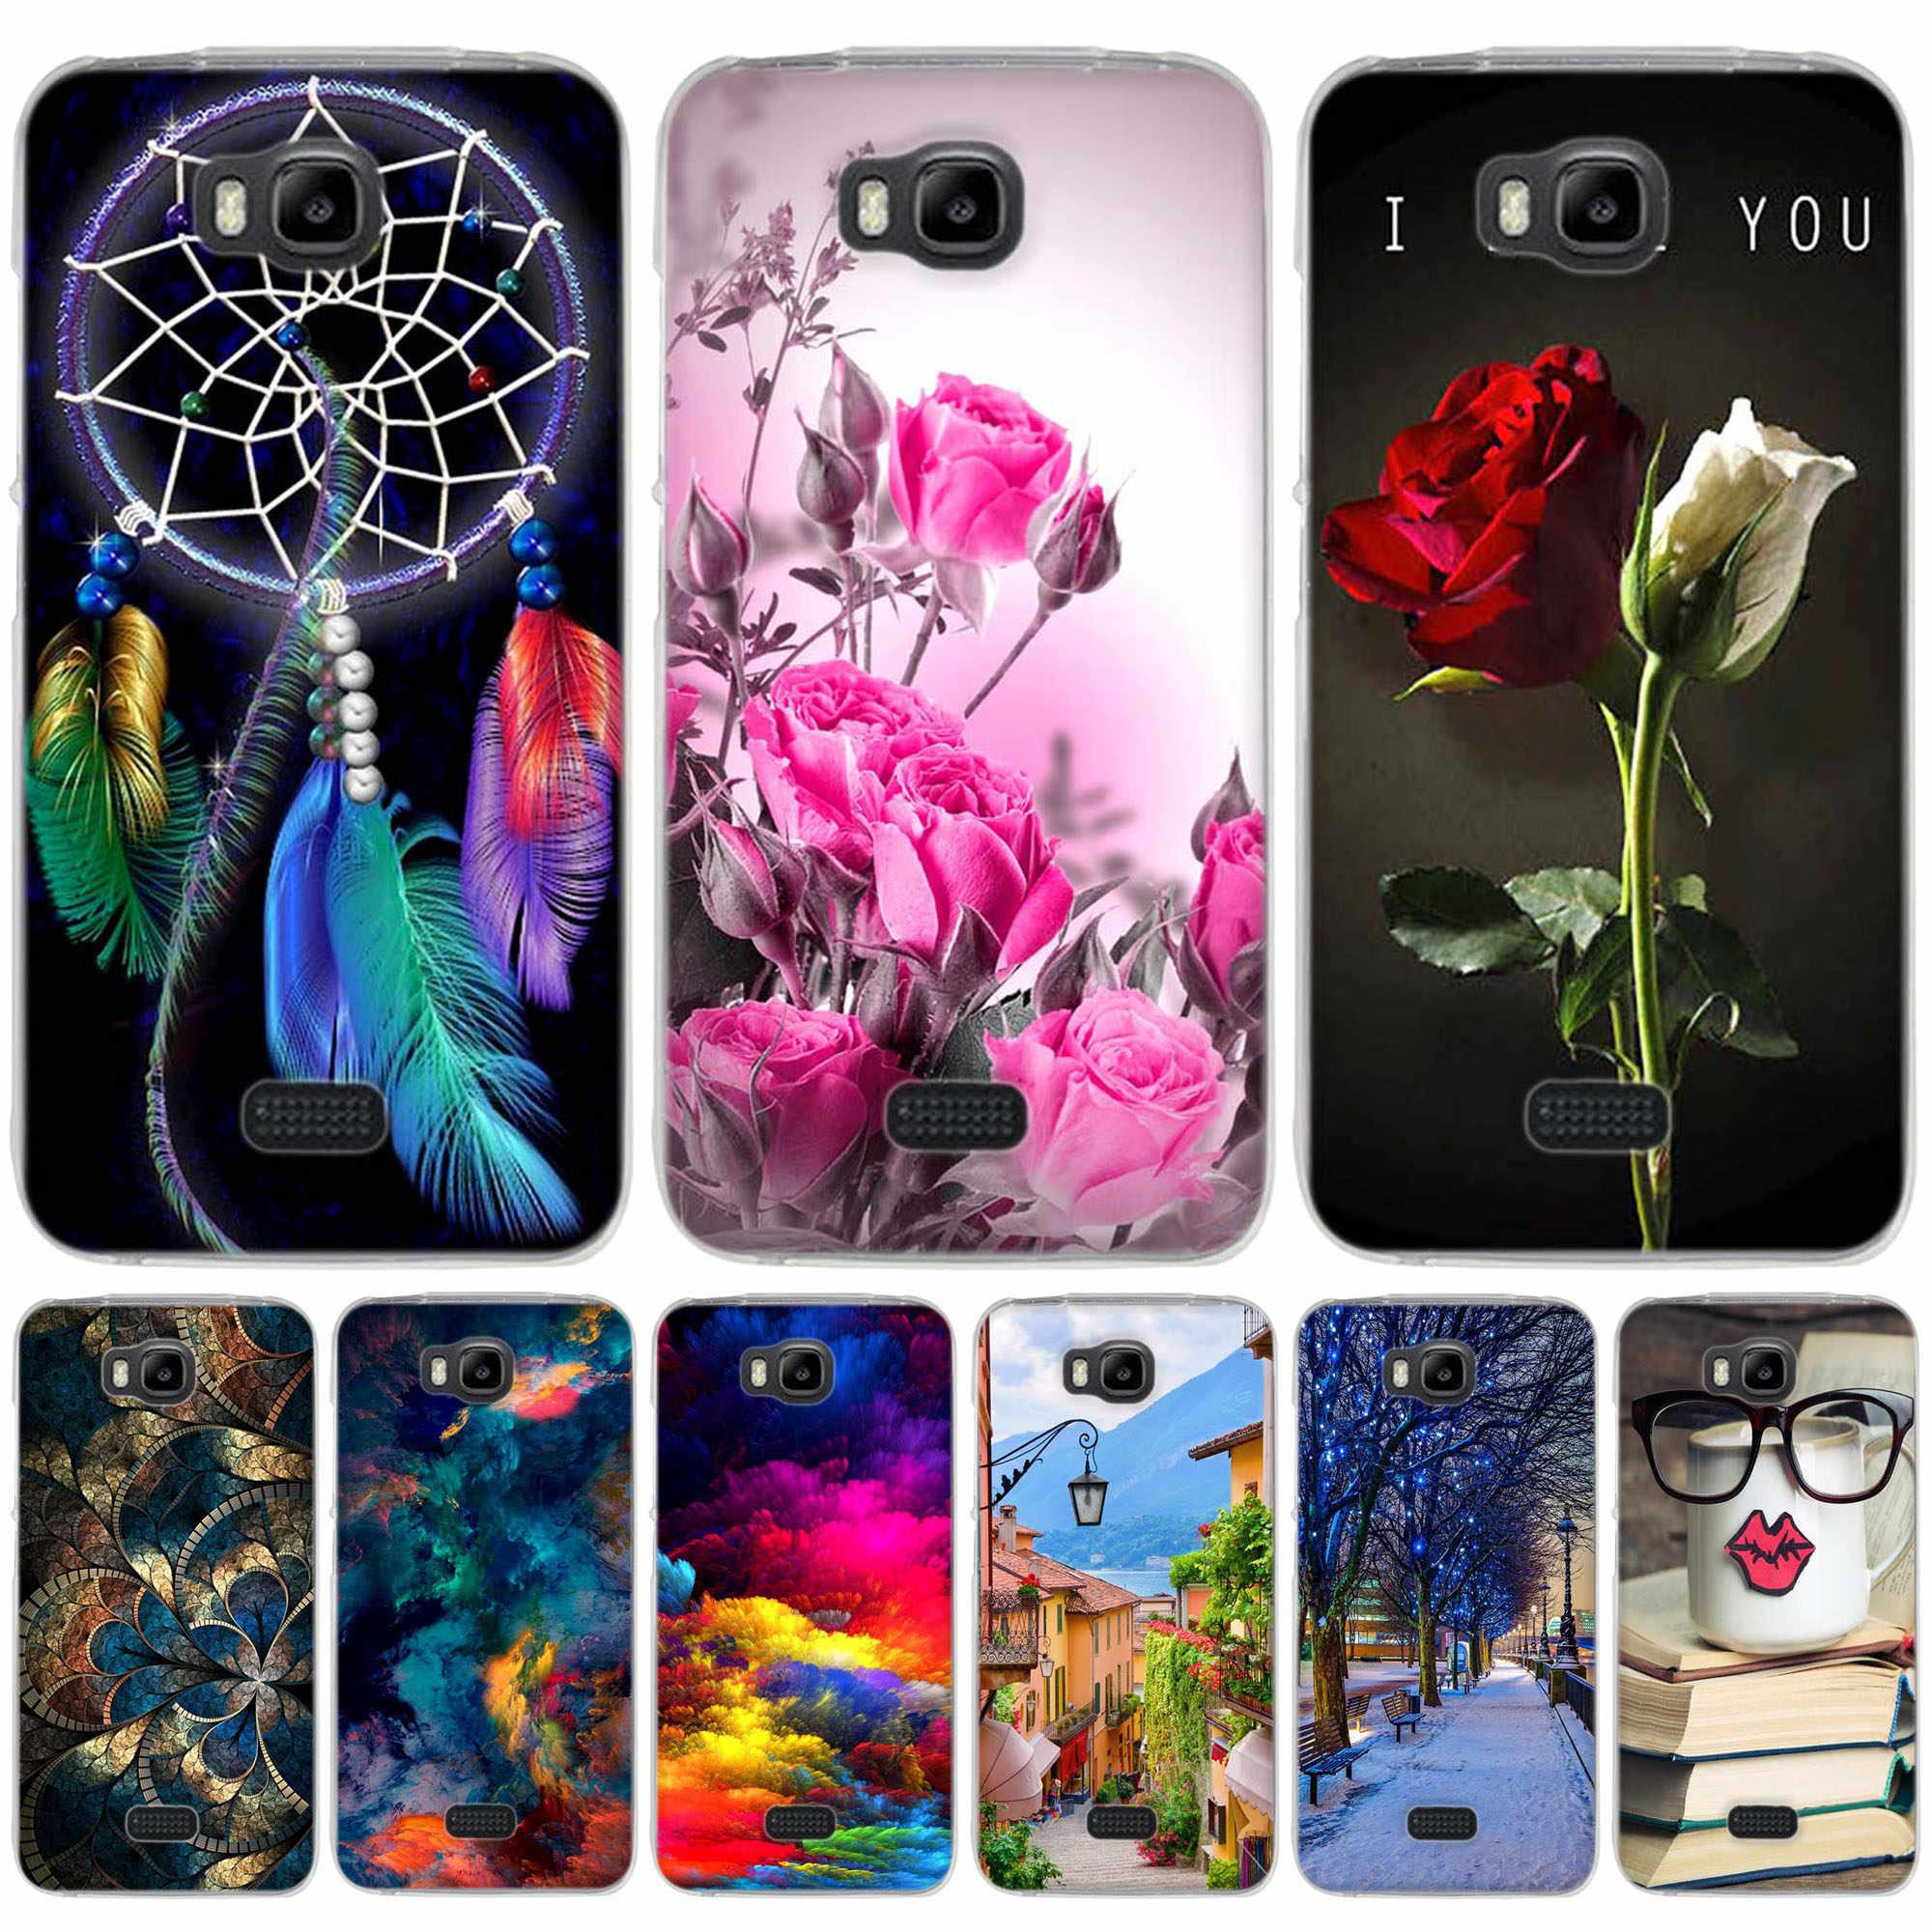 finest selection 937ca 4e435 Case for Huawei Y541 y541 Y5C Case Cover For Huawei y5c Cover Soft Silicon  For Huawei Honor Bee/ Y5C / y541 y560-u02 Phone Cases